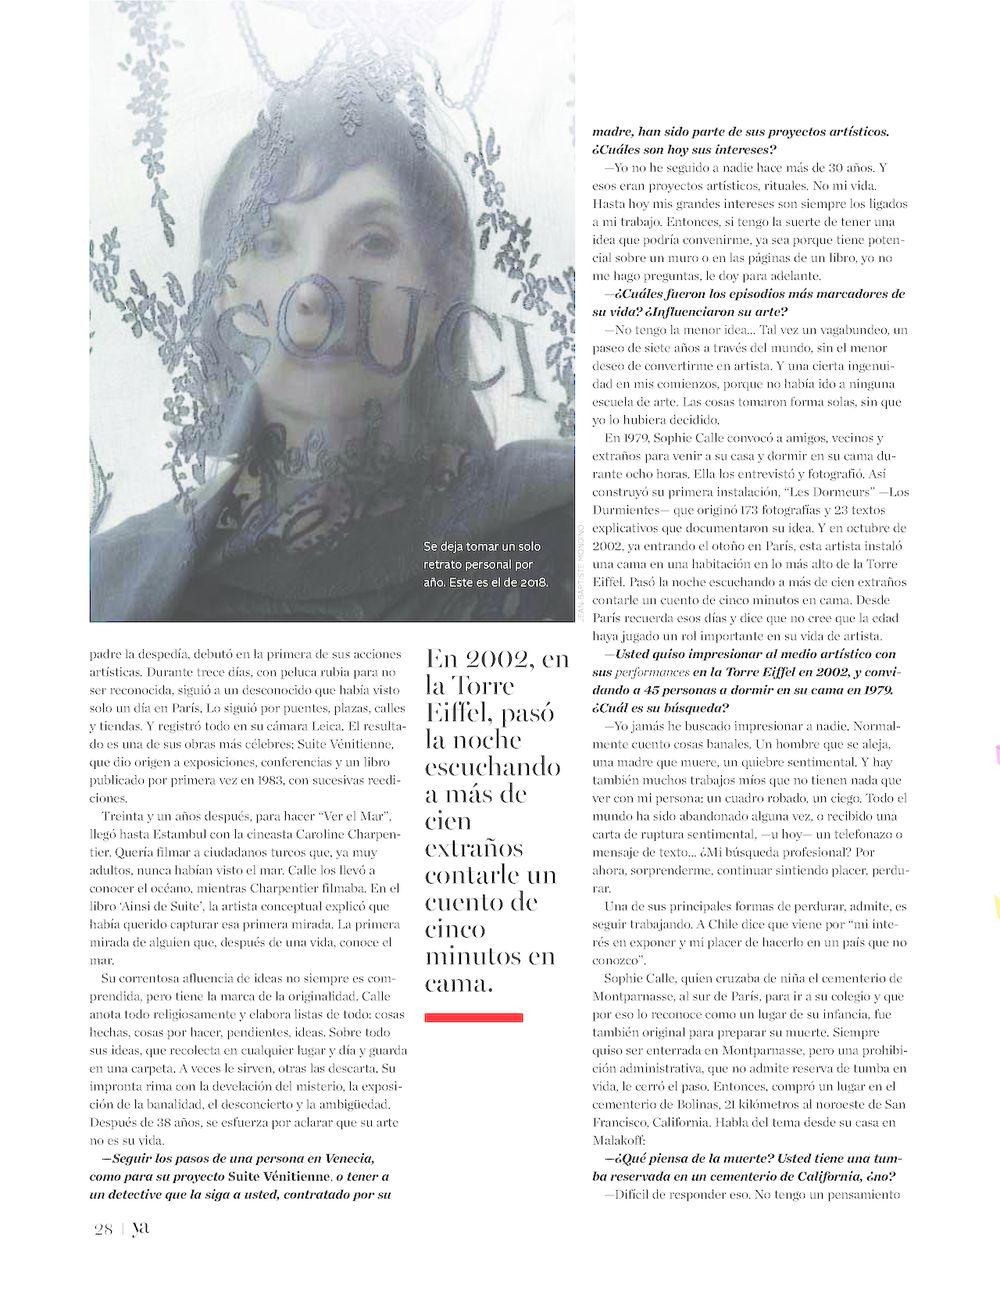 El Mercurio | Sophie CALLE